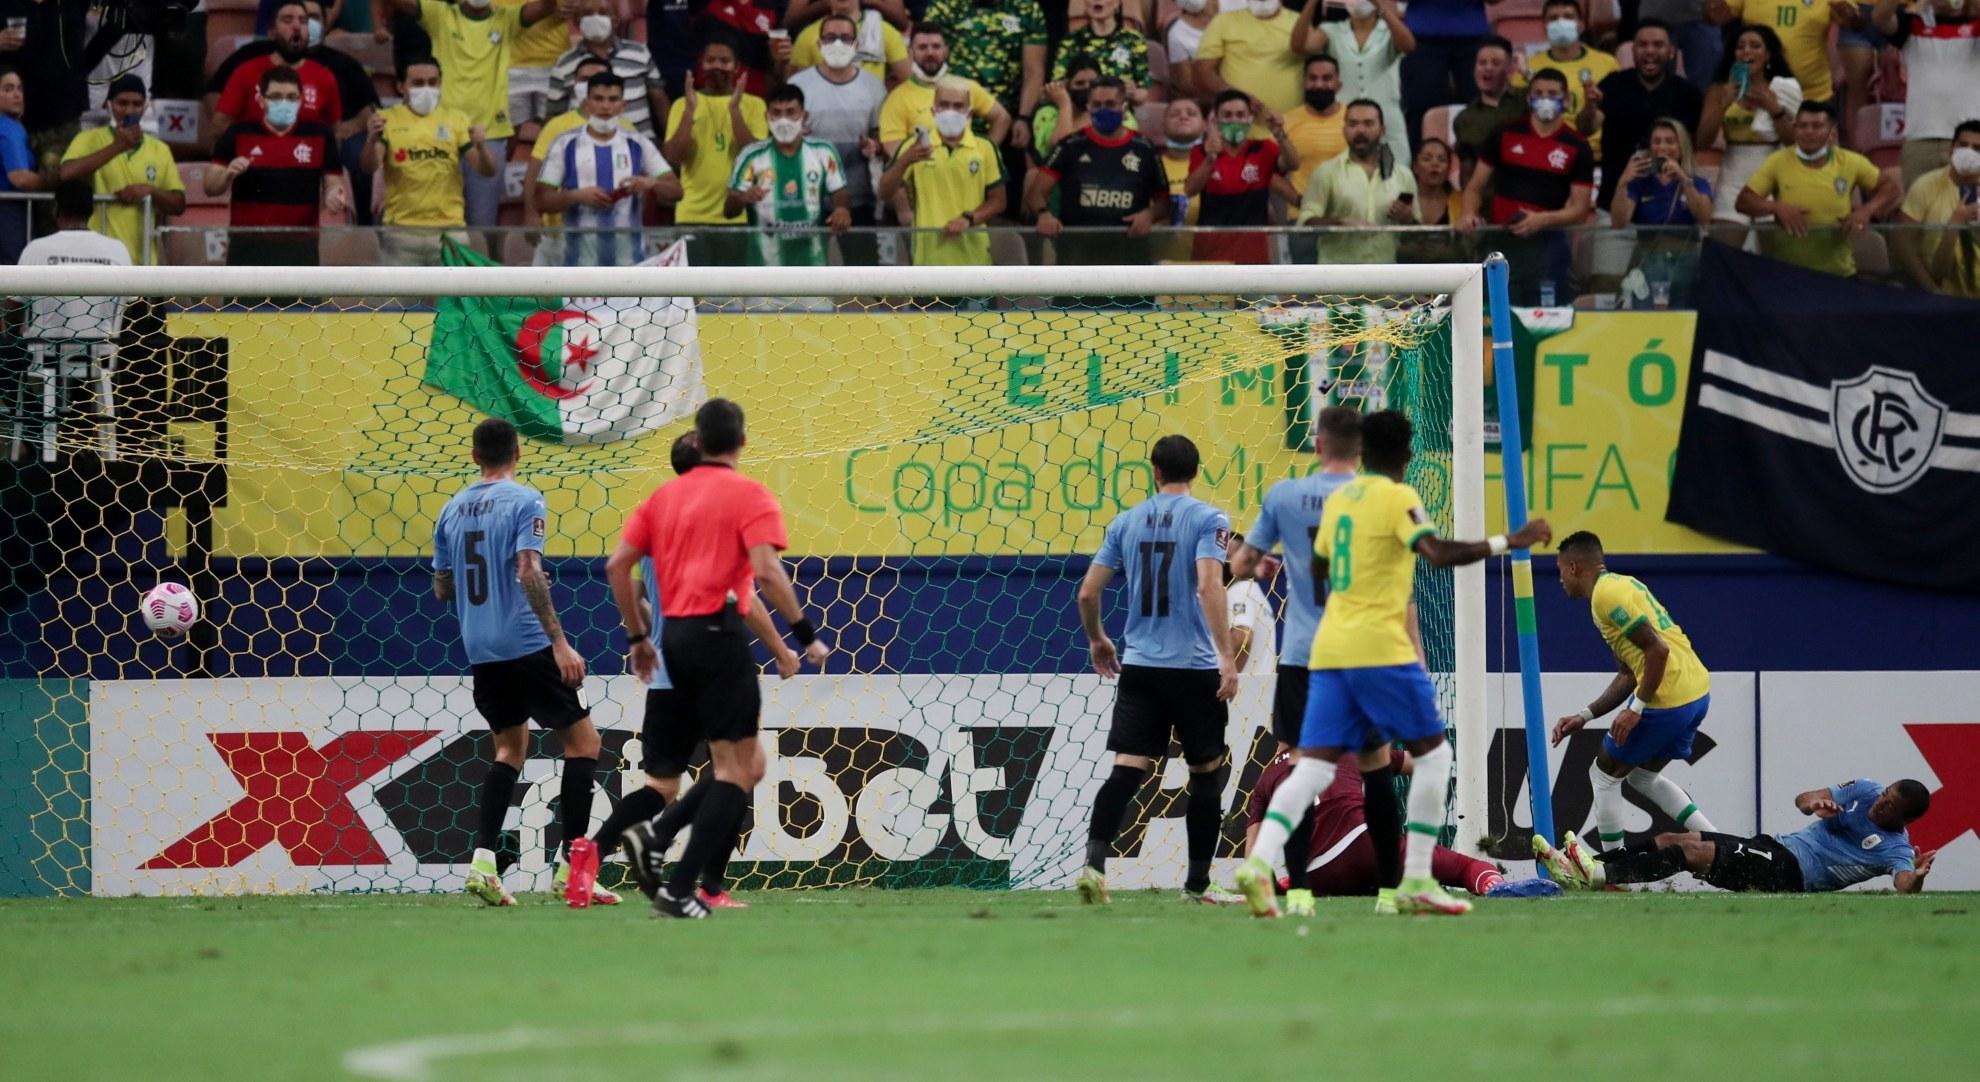 Brasil vs Uruguay, en vivo el partido de la jornada 12 de las eliminatorias de Conmebol Qatar 2022